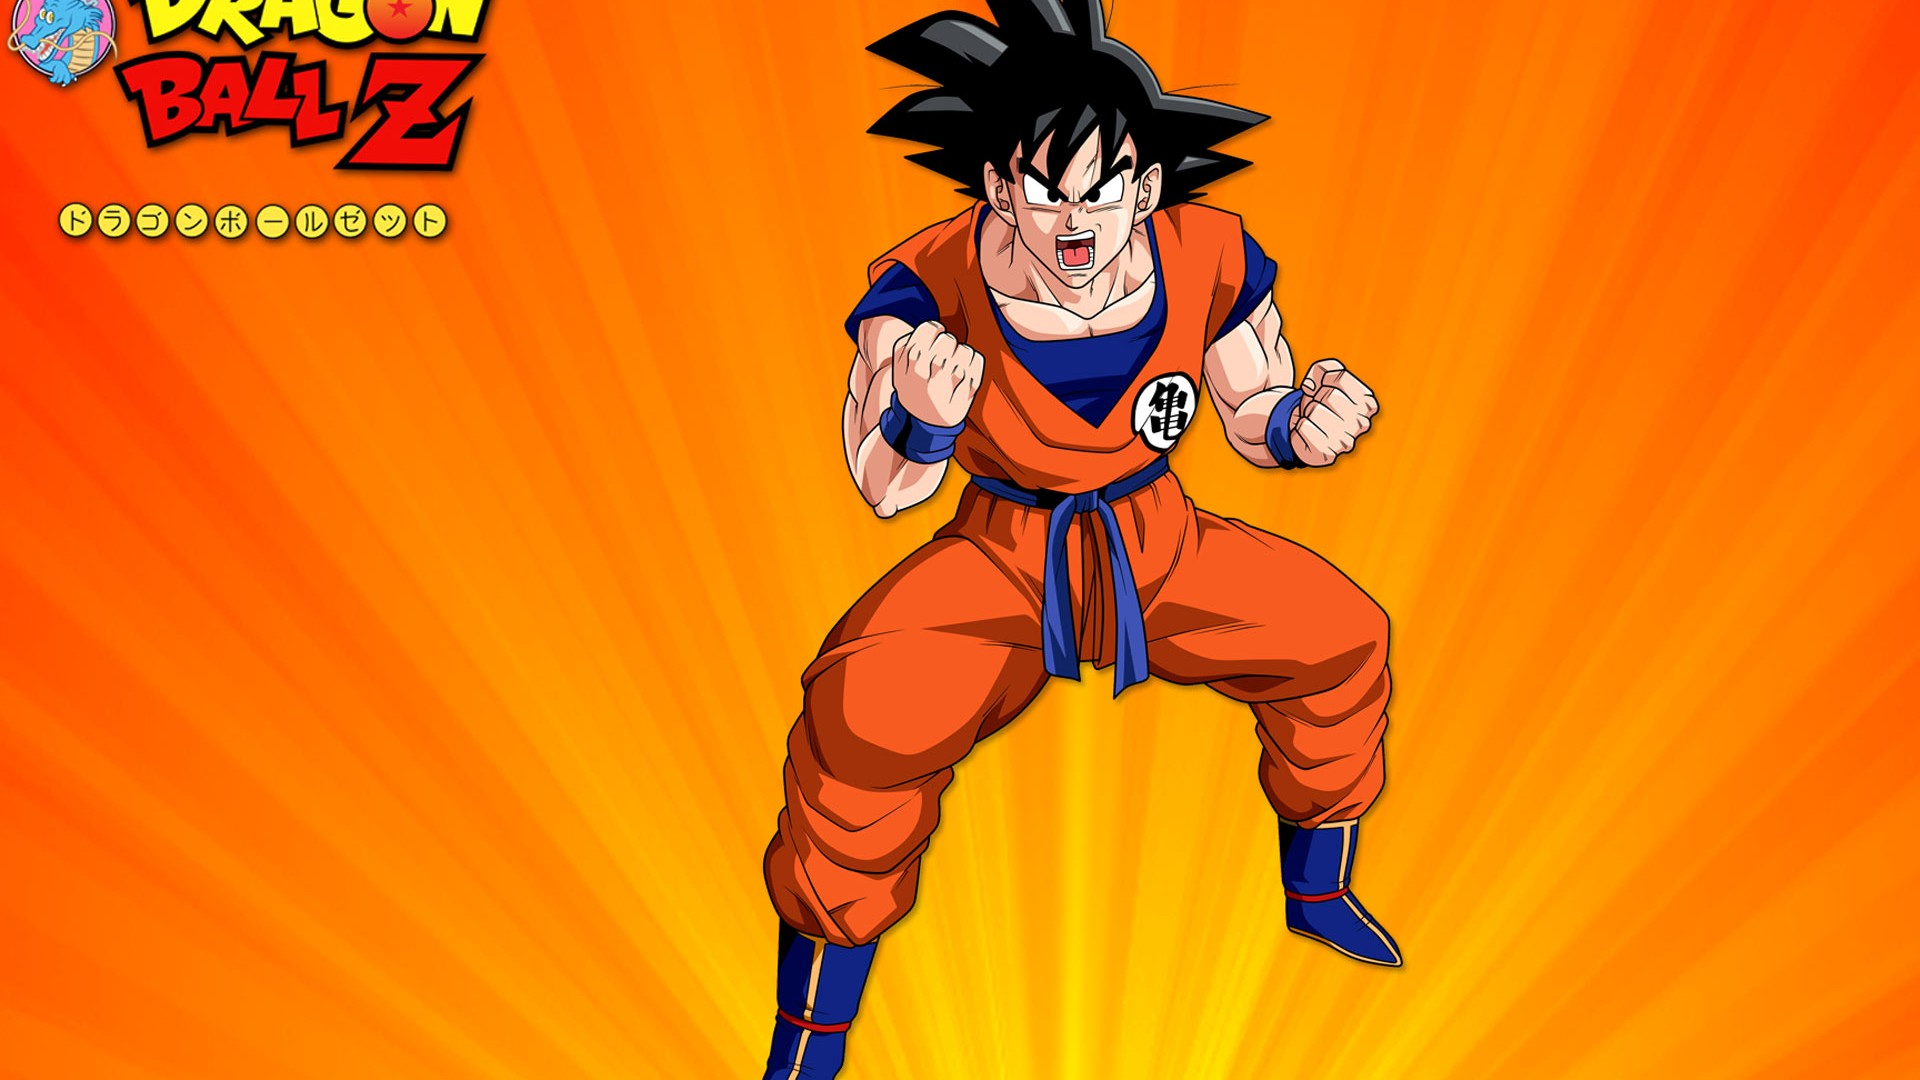 Goku Wallpaper hd for PC (15)